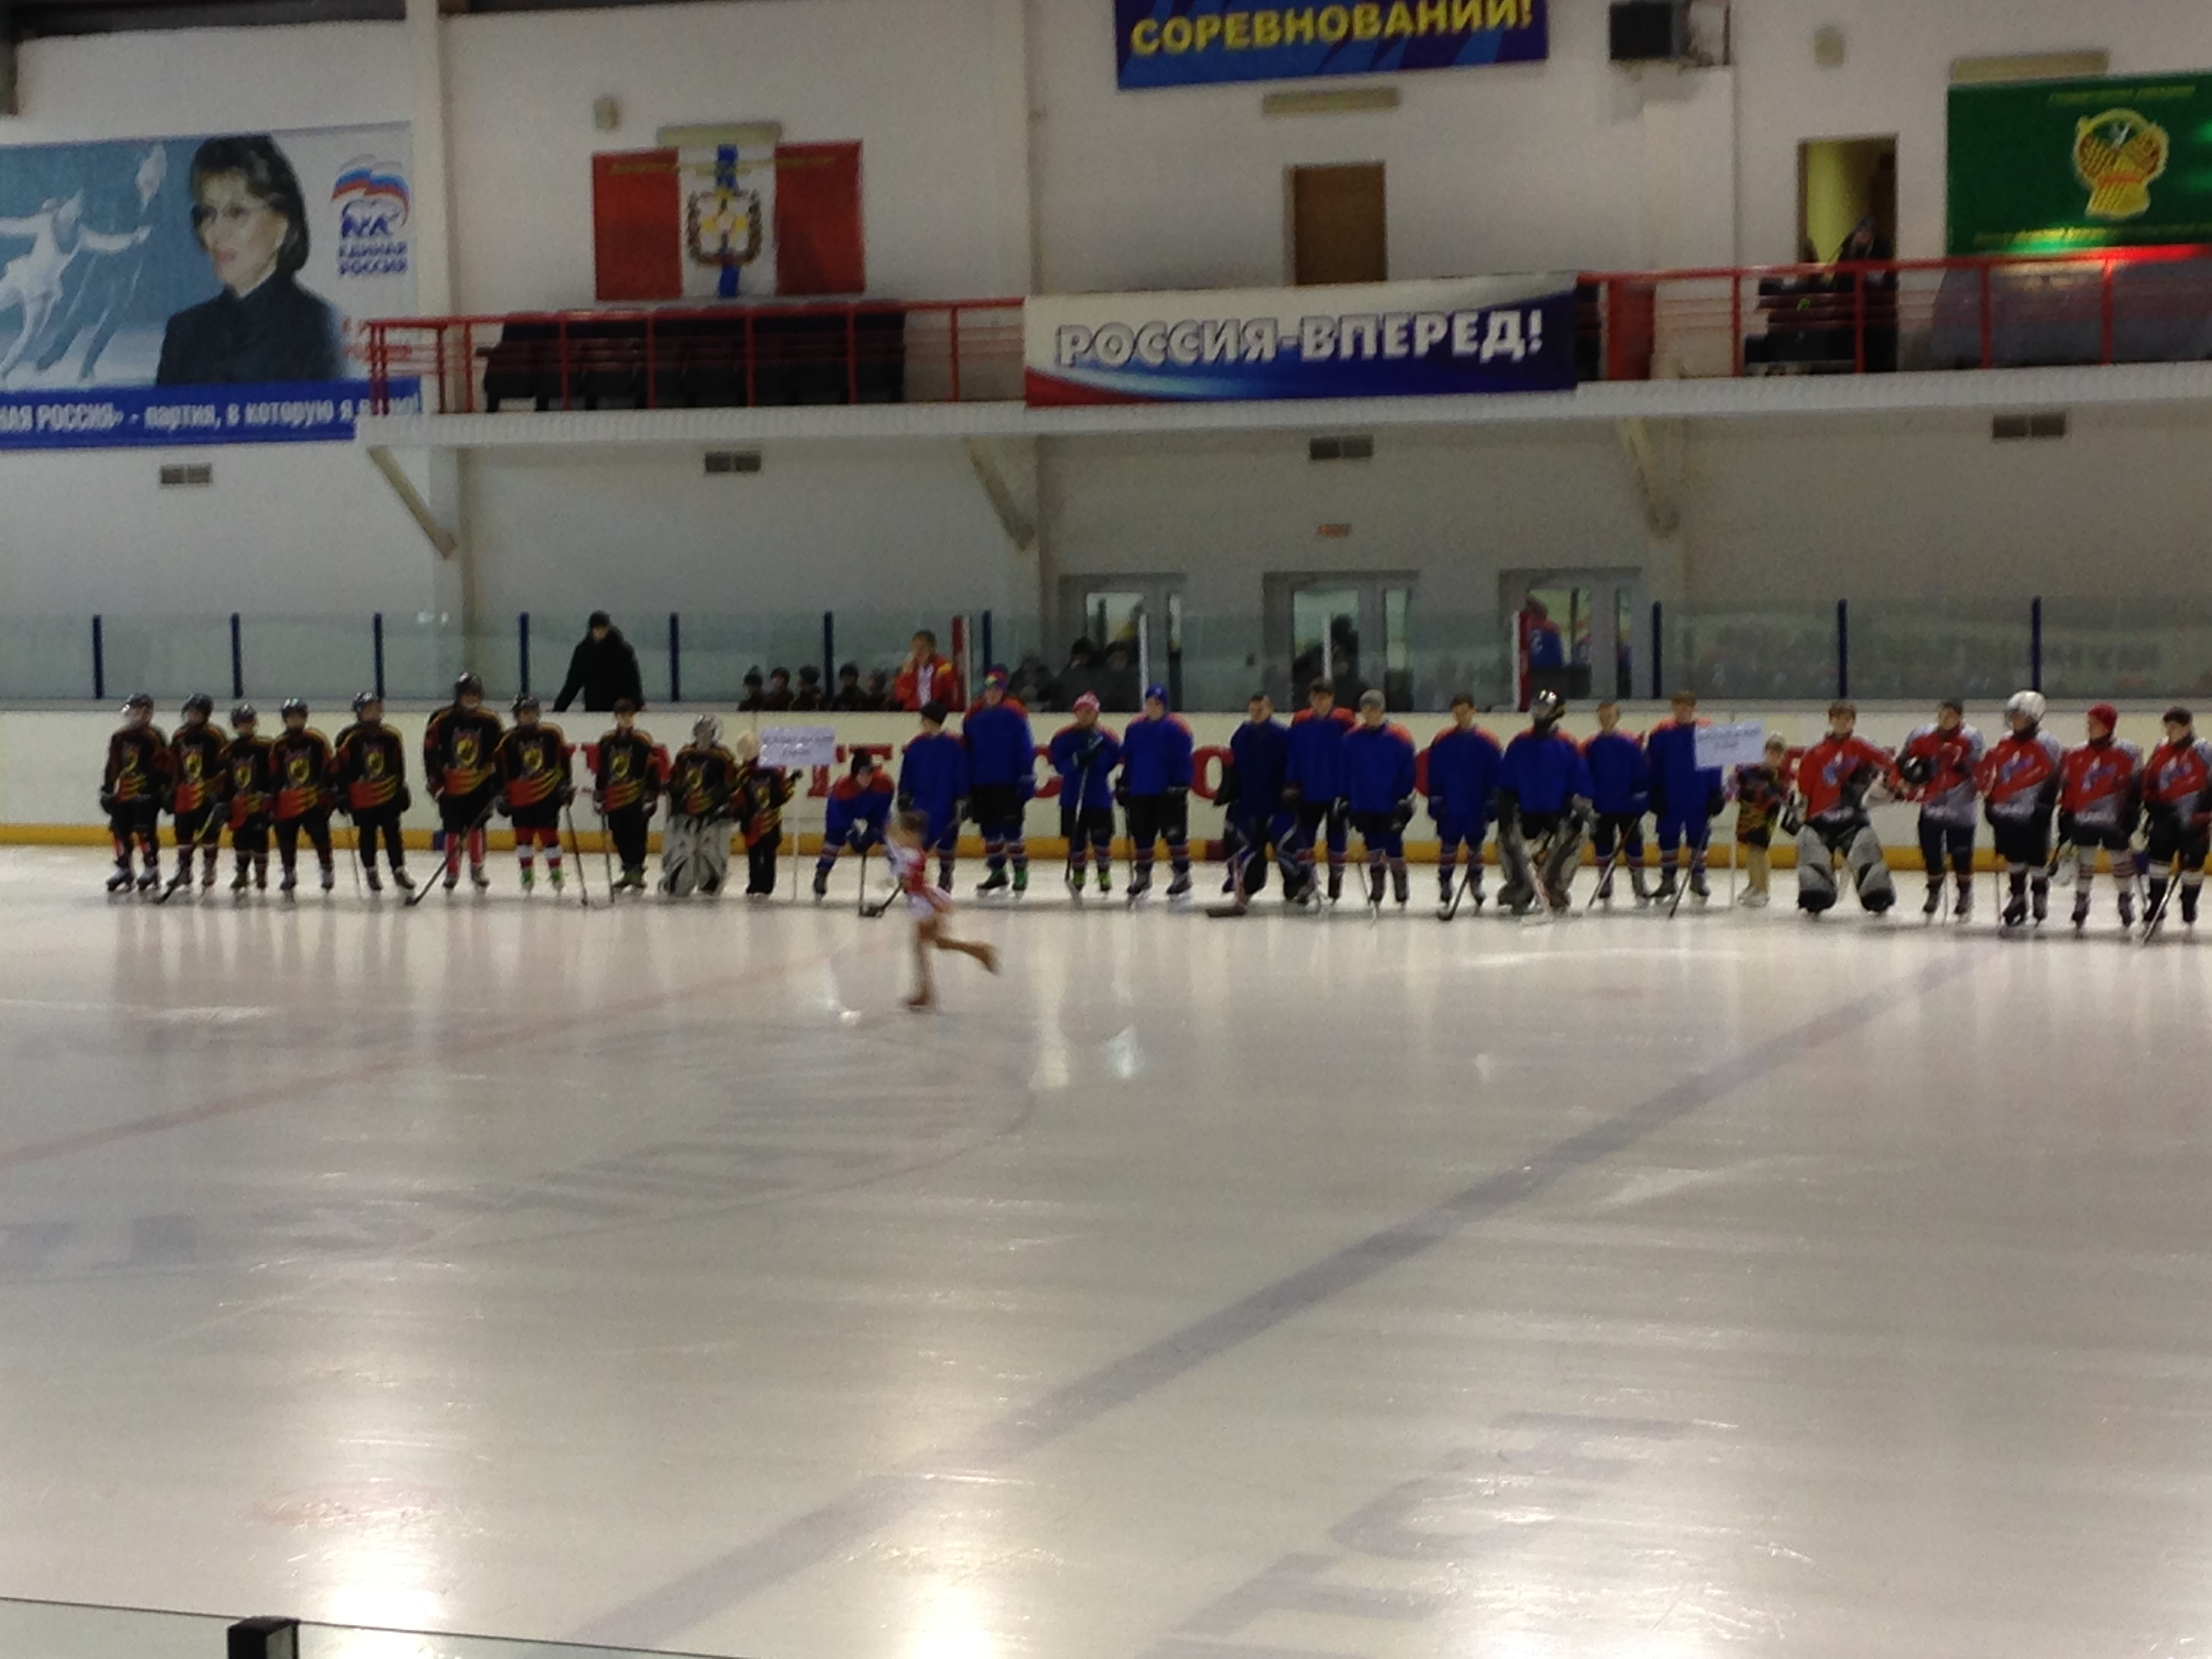 Новости спорта чемпионат мира хоккею